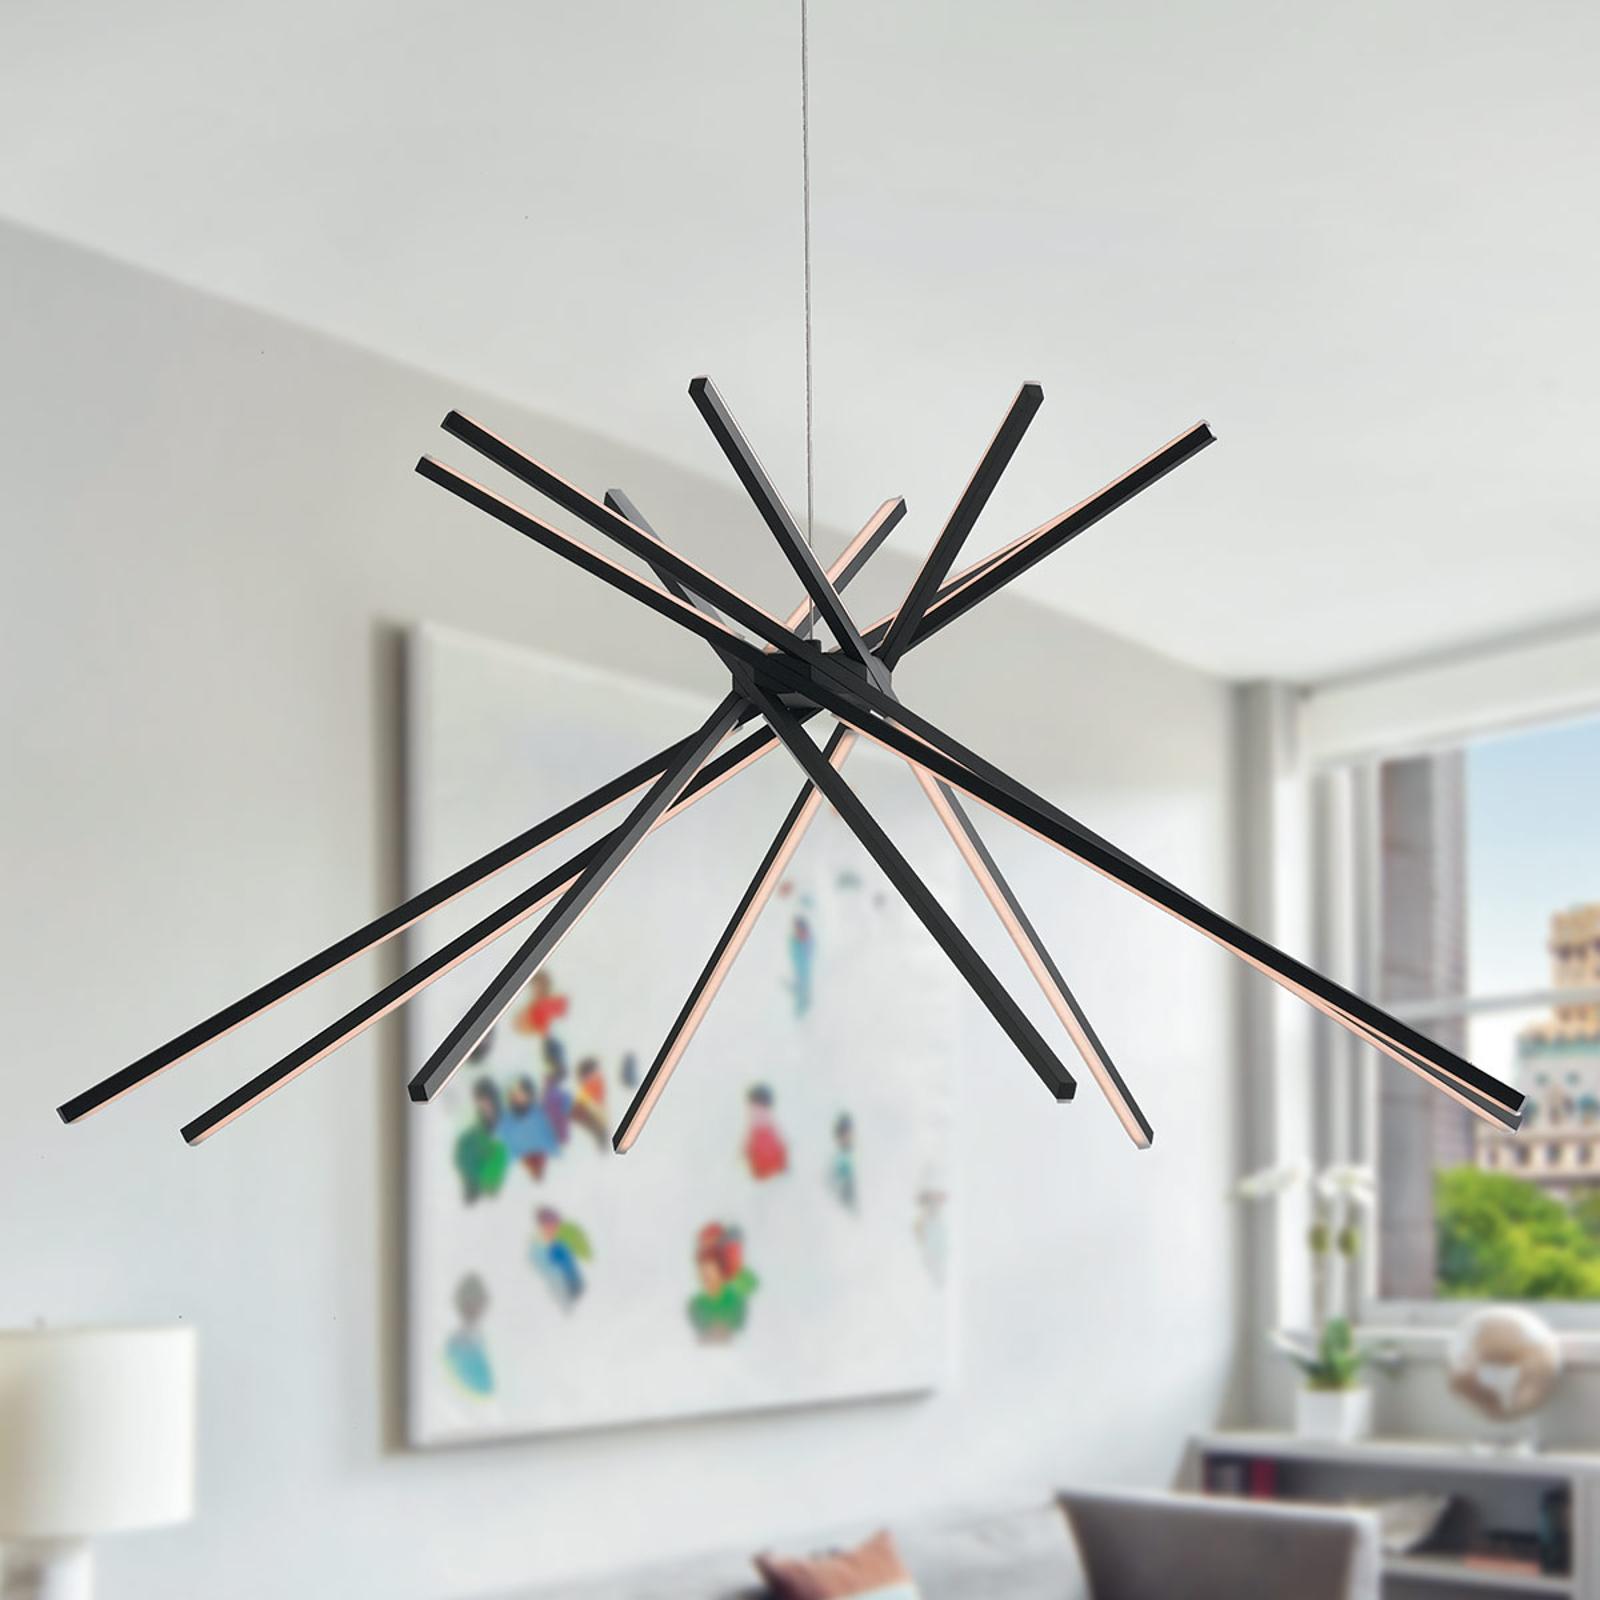 LED hanglamp Shanghai, zwart